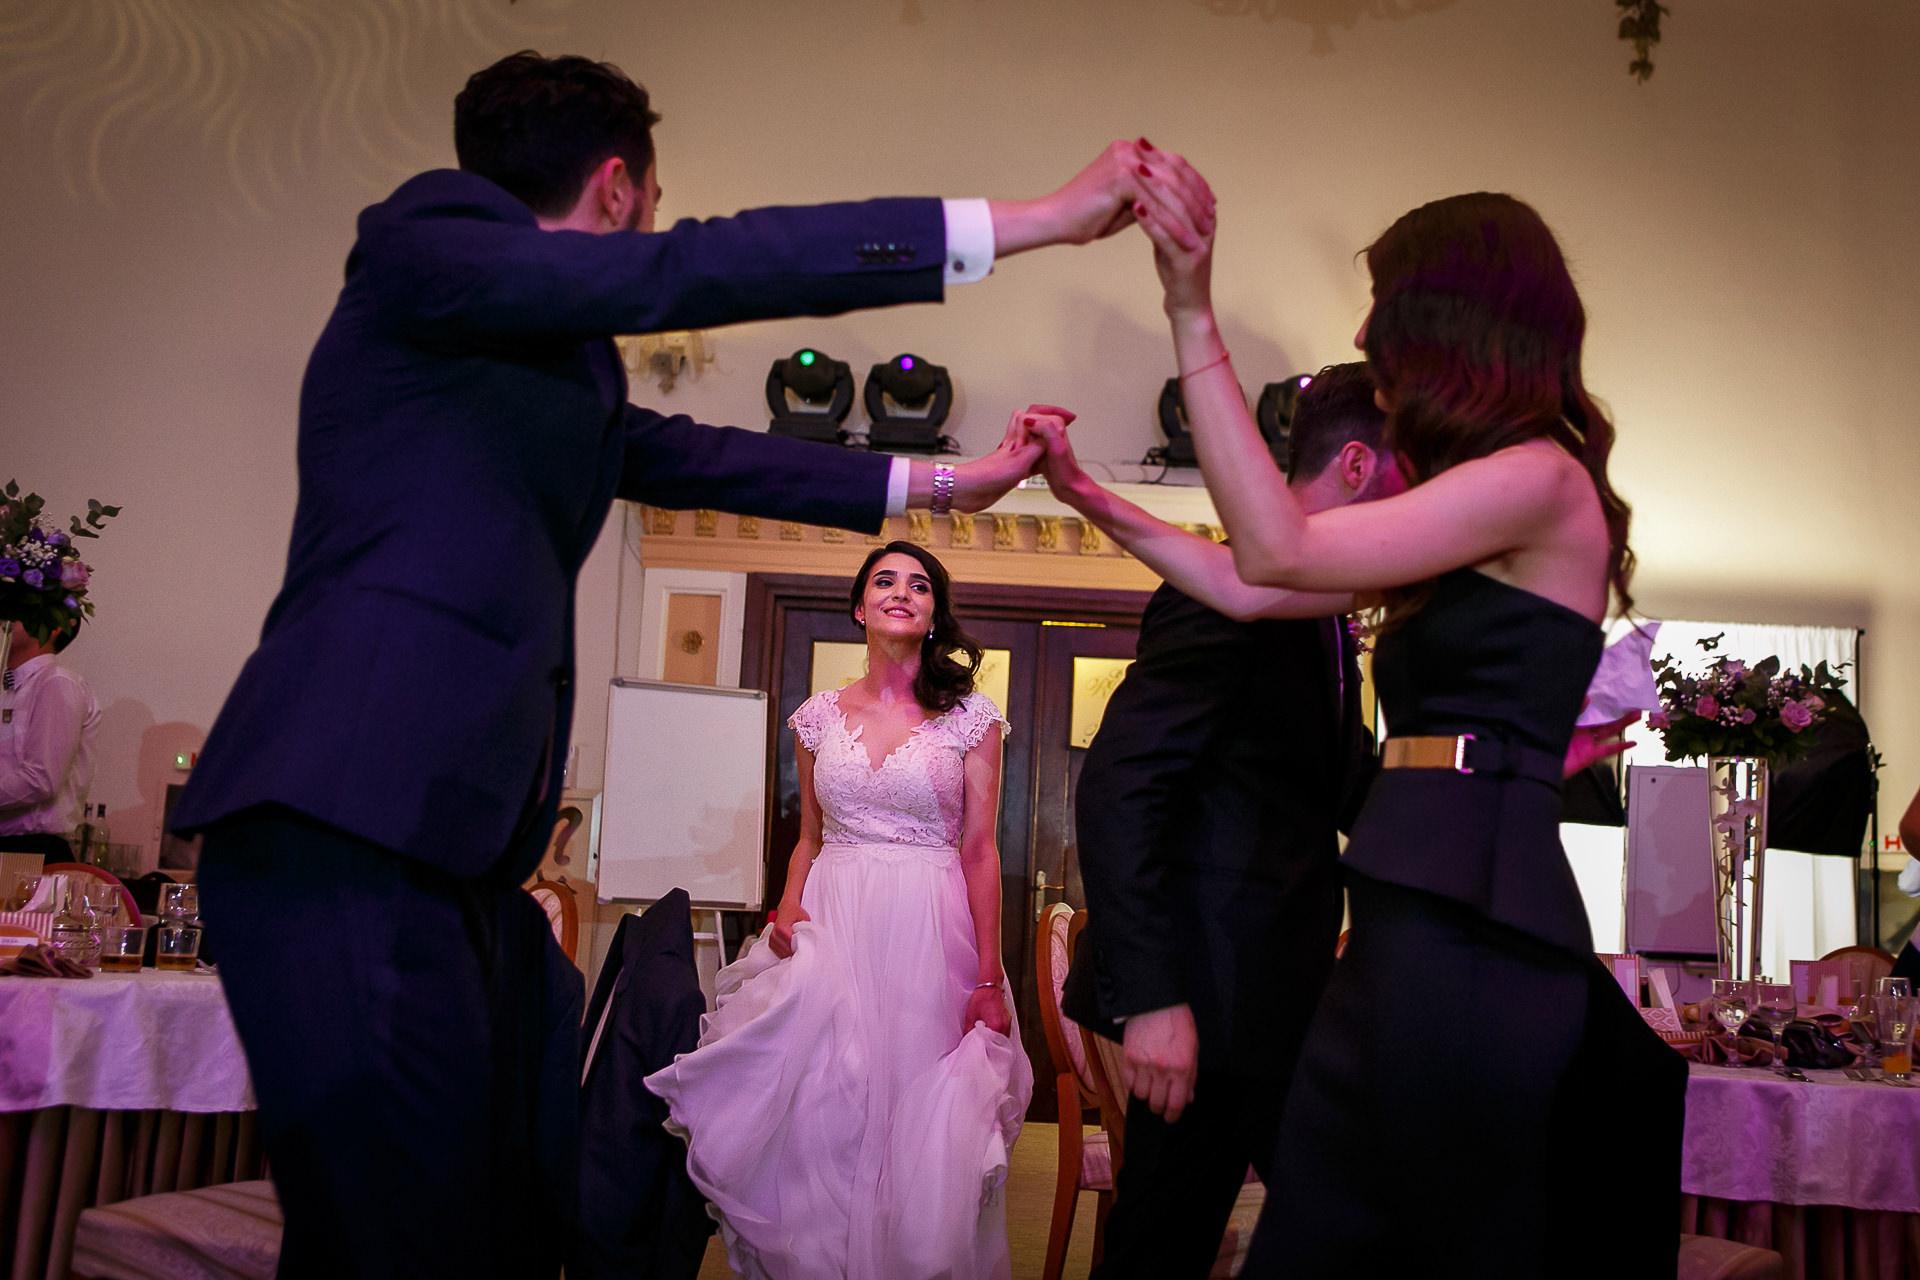 nuntă Salon Elisabeta - Elena şi Costin - Mihai Zaharia Photography - 065